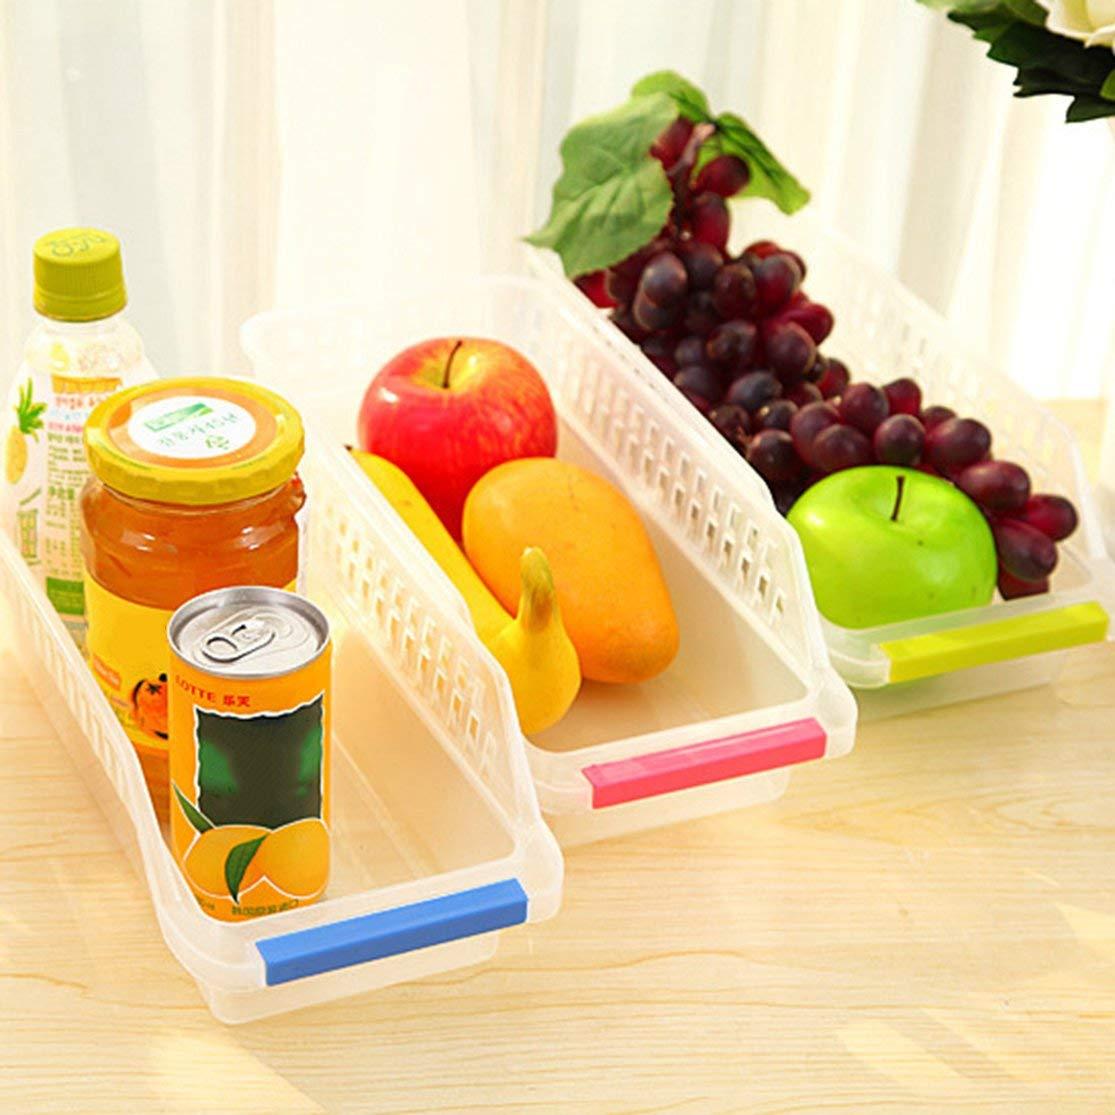 LouiseEvel215 Congelador Refrigerador Organizador Bandejas Bandejas Despensa Gabinete Caja de Almacenamiento Nevera Frutas Verduras Contenedores Cestas de Almacenamiento